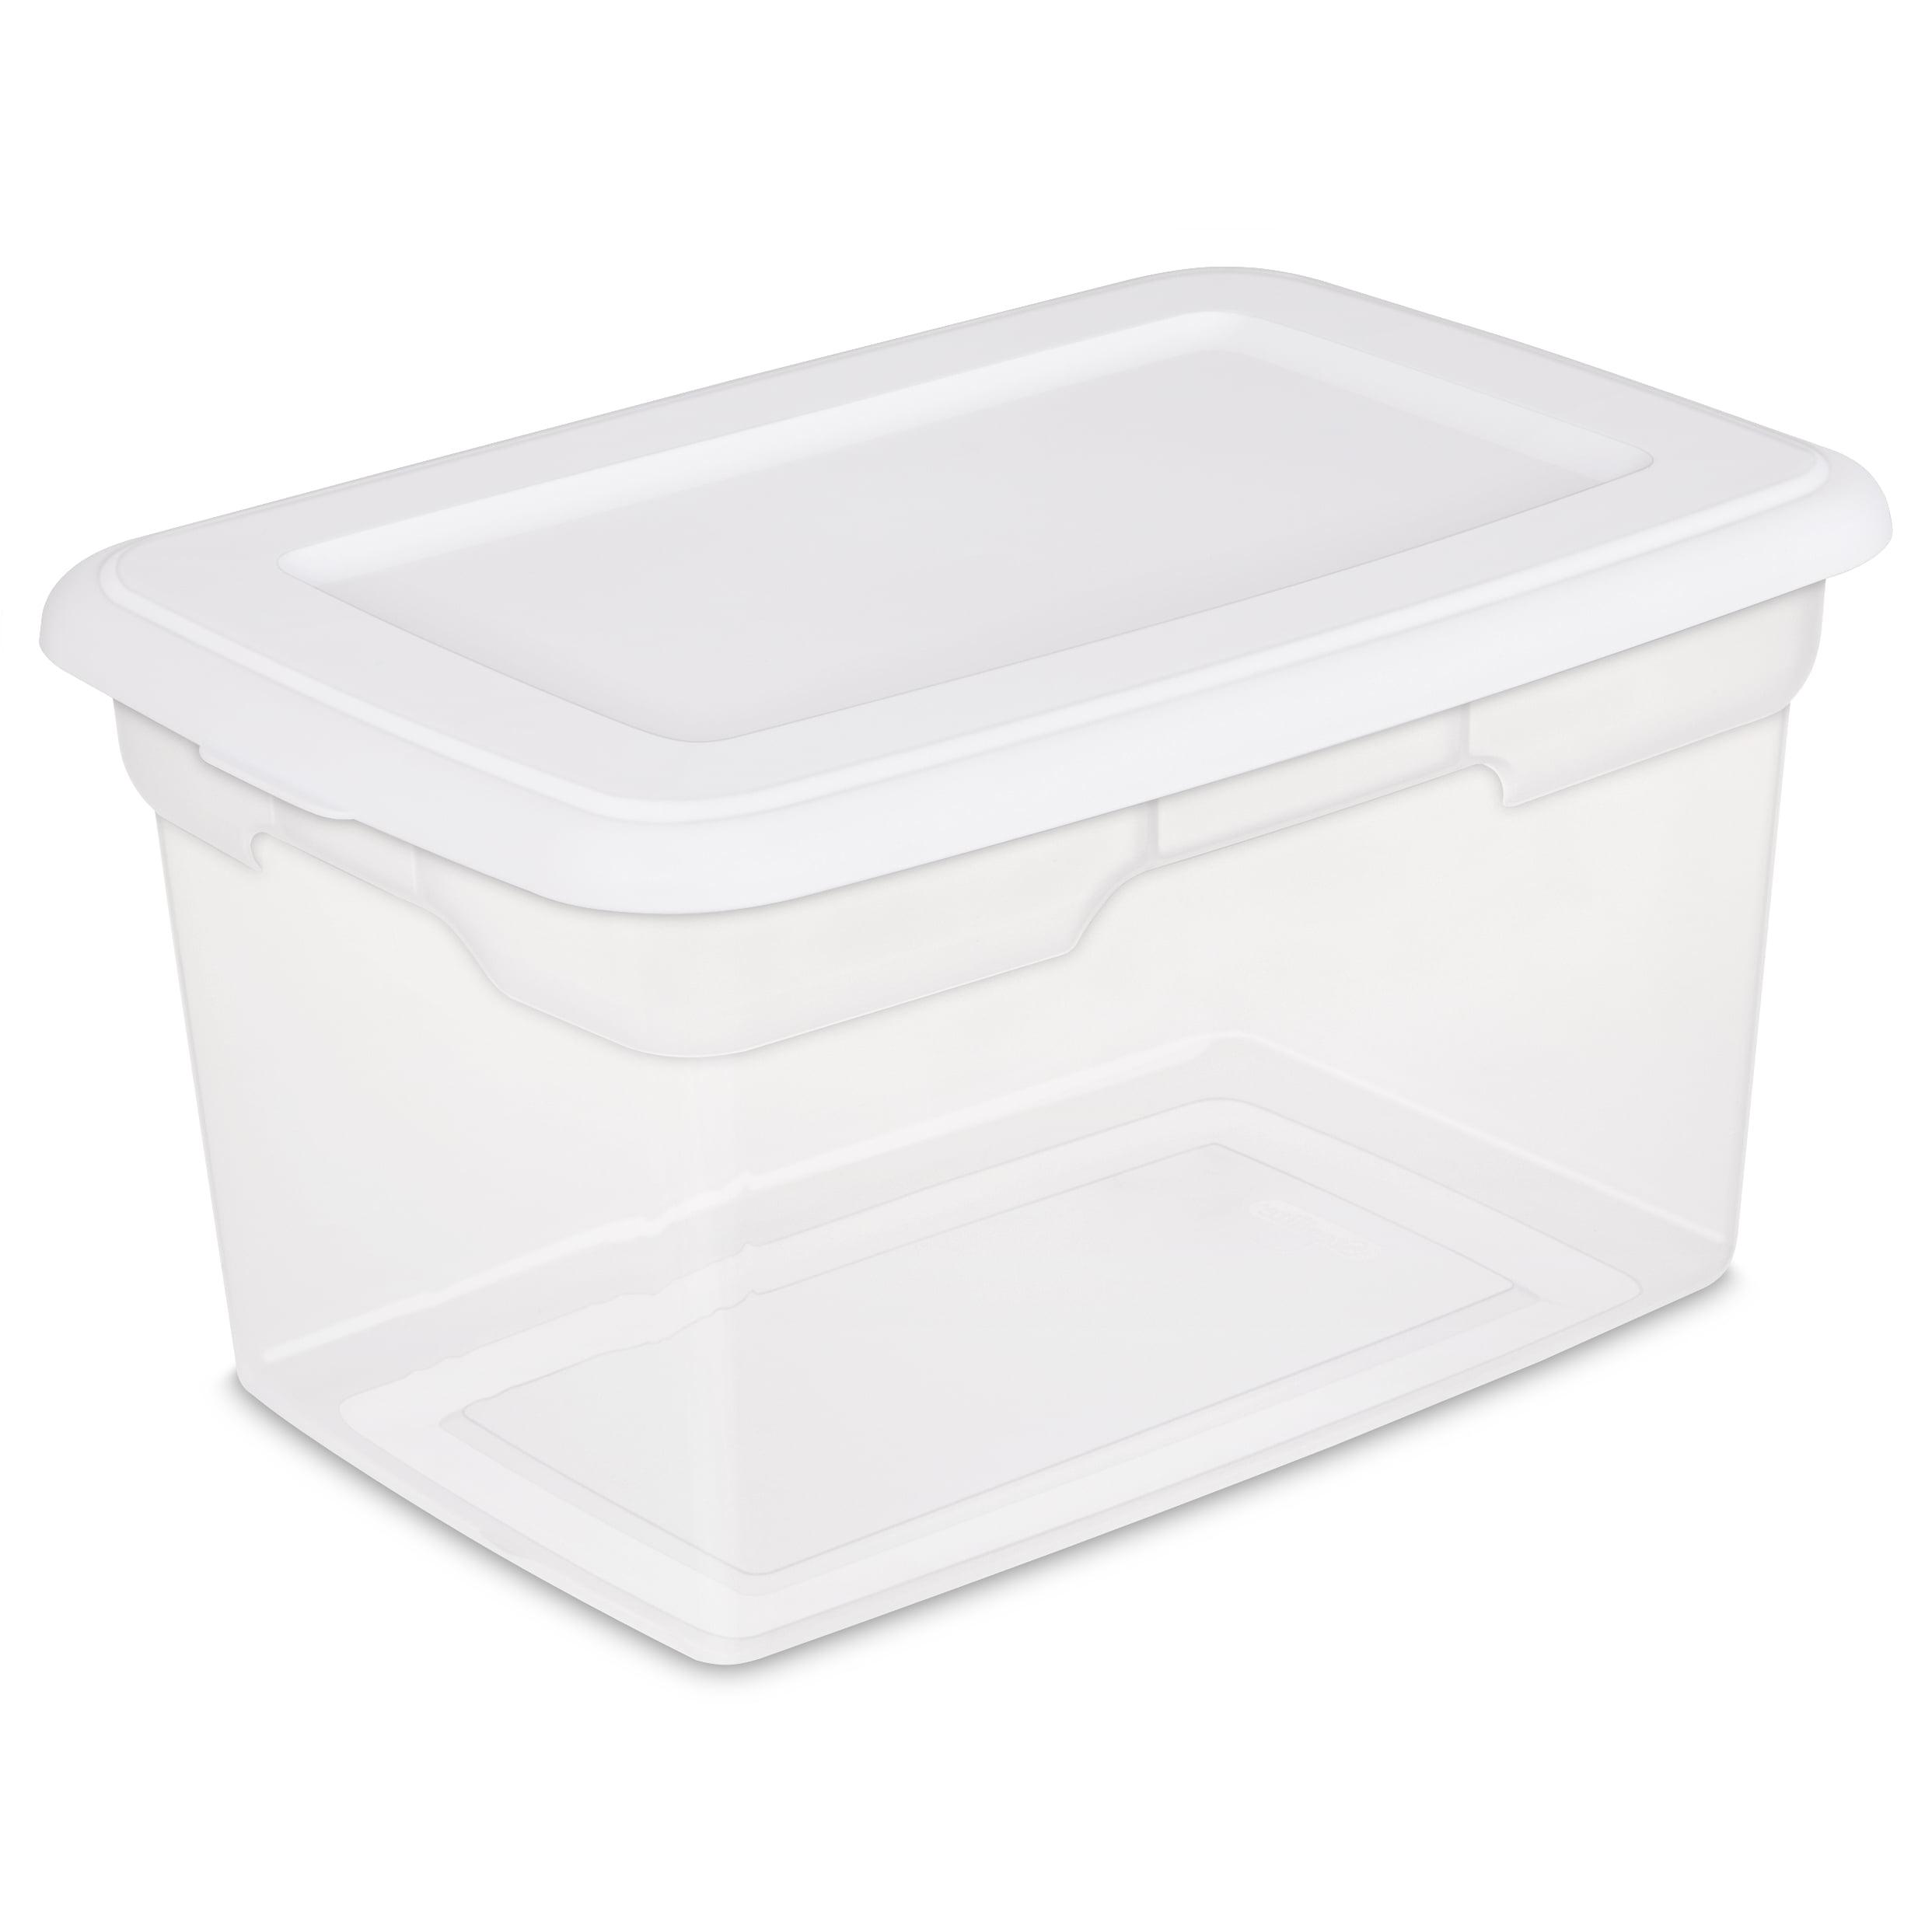 Sterilite 20 Qt./18.9 L Storage Box, White